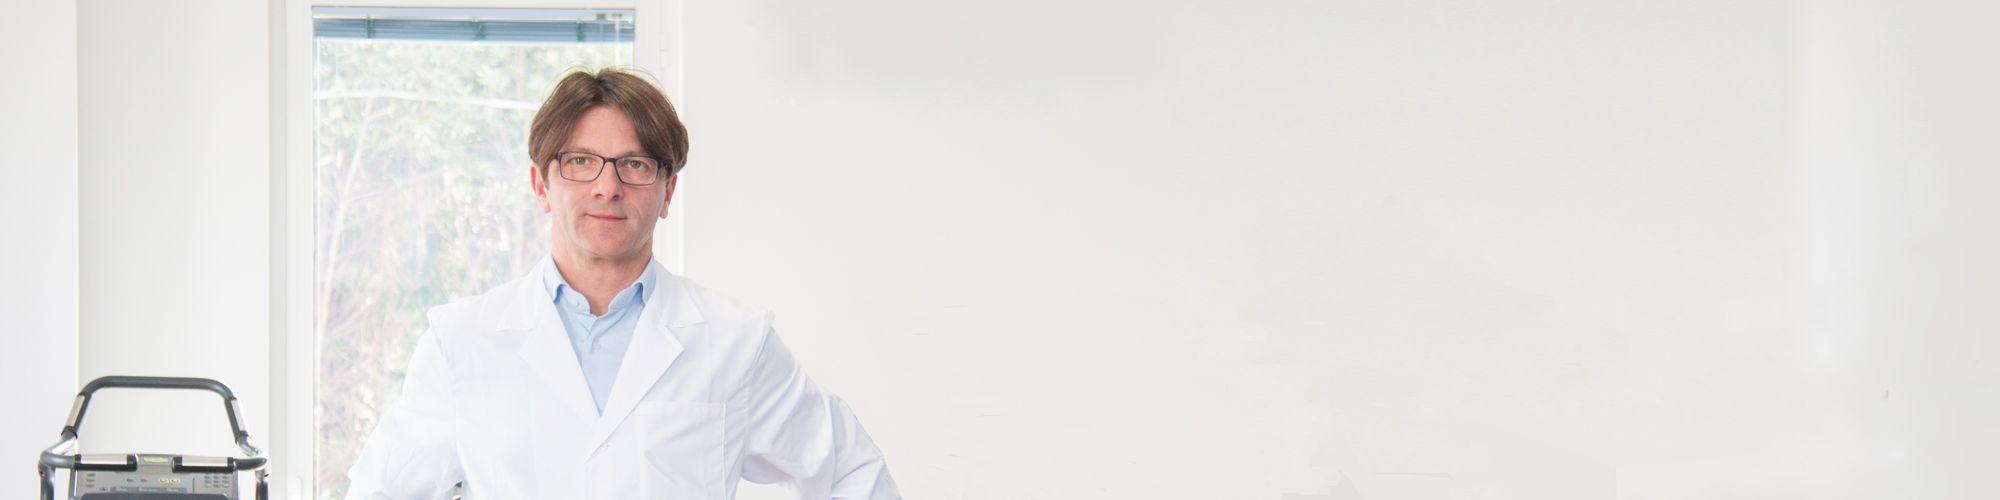 Centro di Riabilitazione - Dott. Mariano Scollo - Modica Medica. Diagnosi medico specialistica e trattamento riabilitativo integrato. Modica (Ragusa)